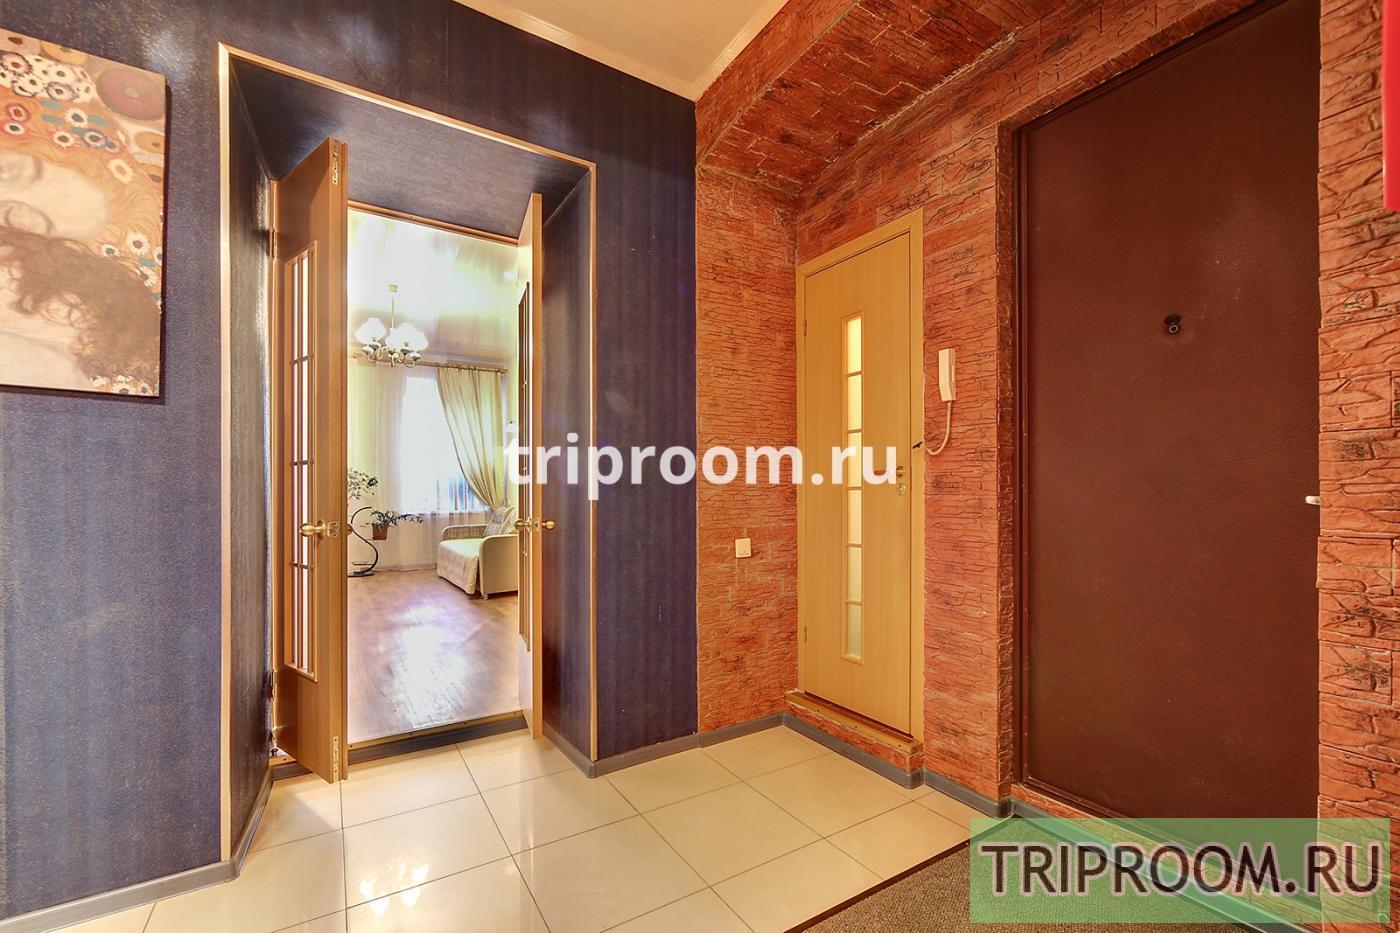 2-комнатная квартира посуточно (вариант № 15459), ул. Адмиралтейская набережная, фото № 21